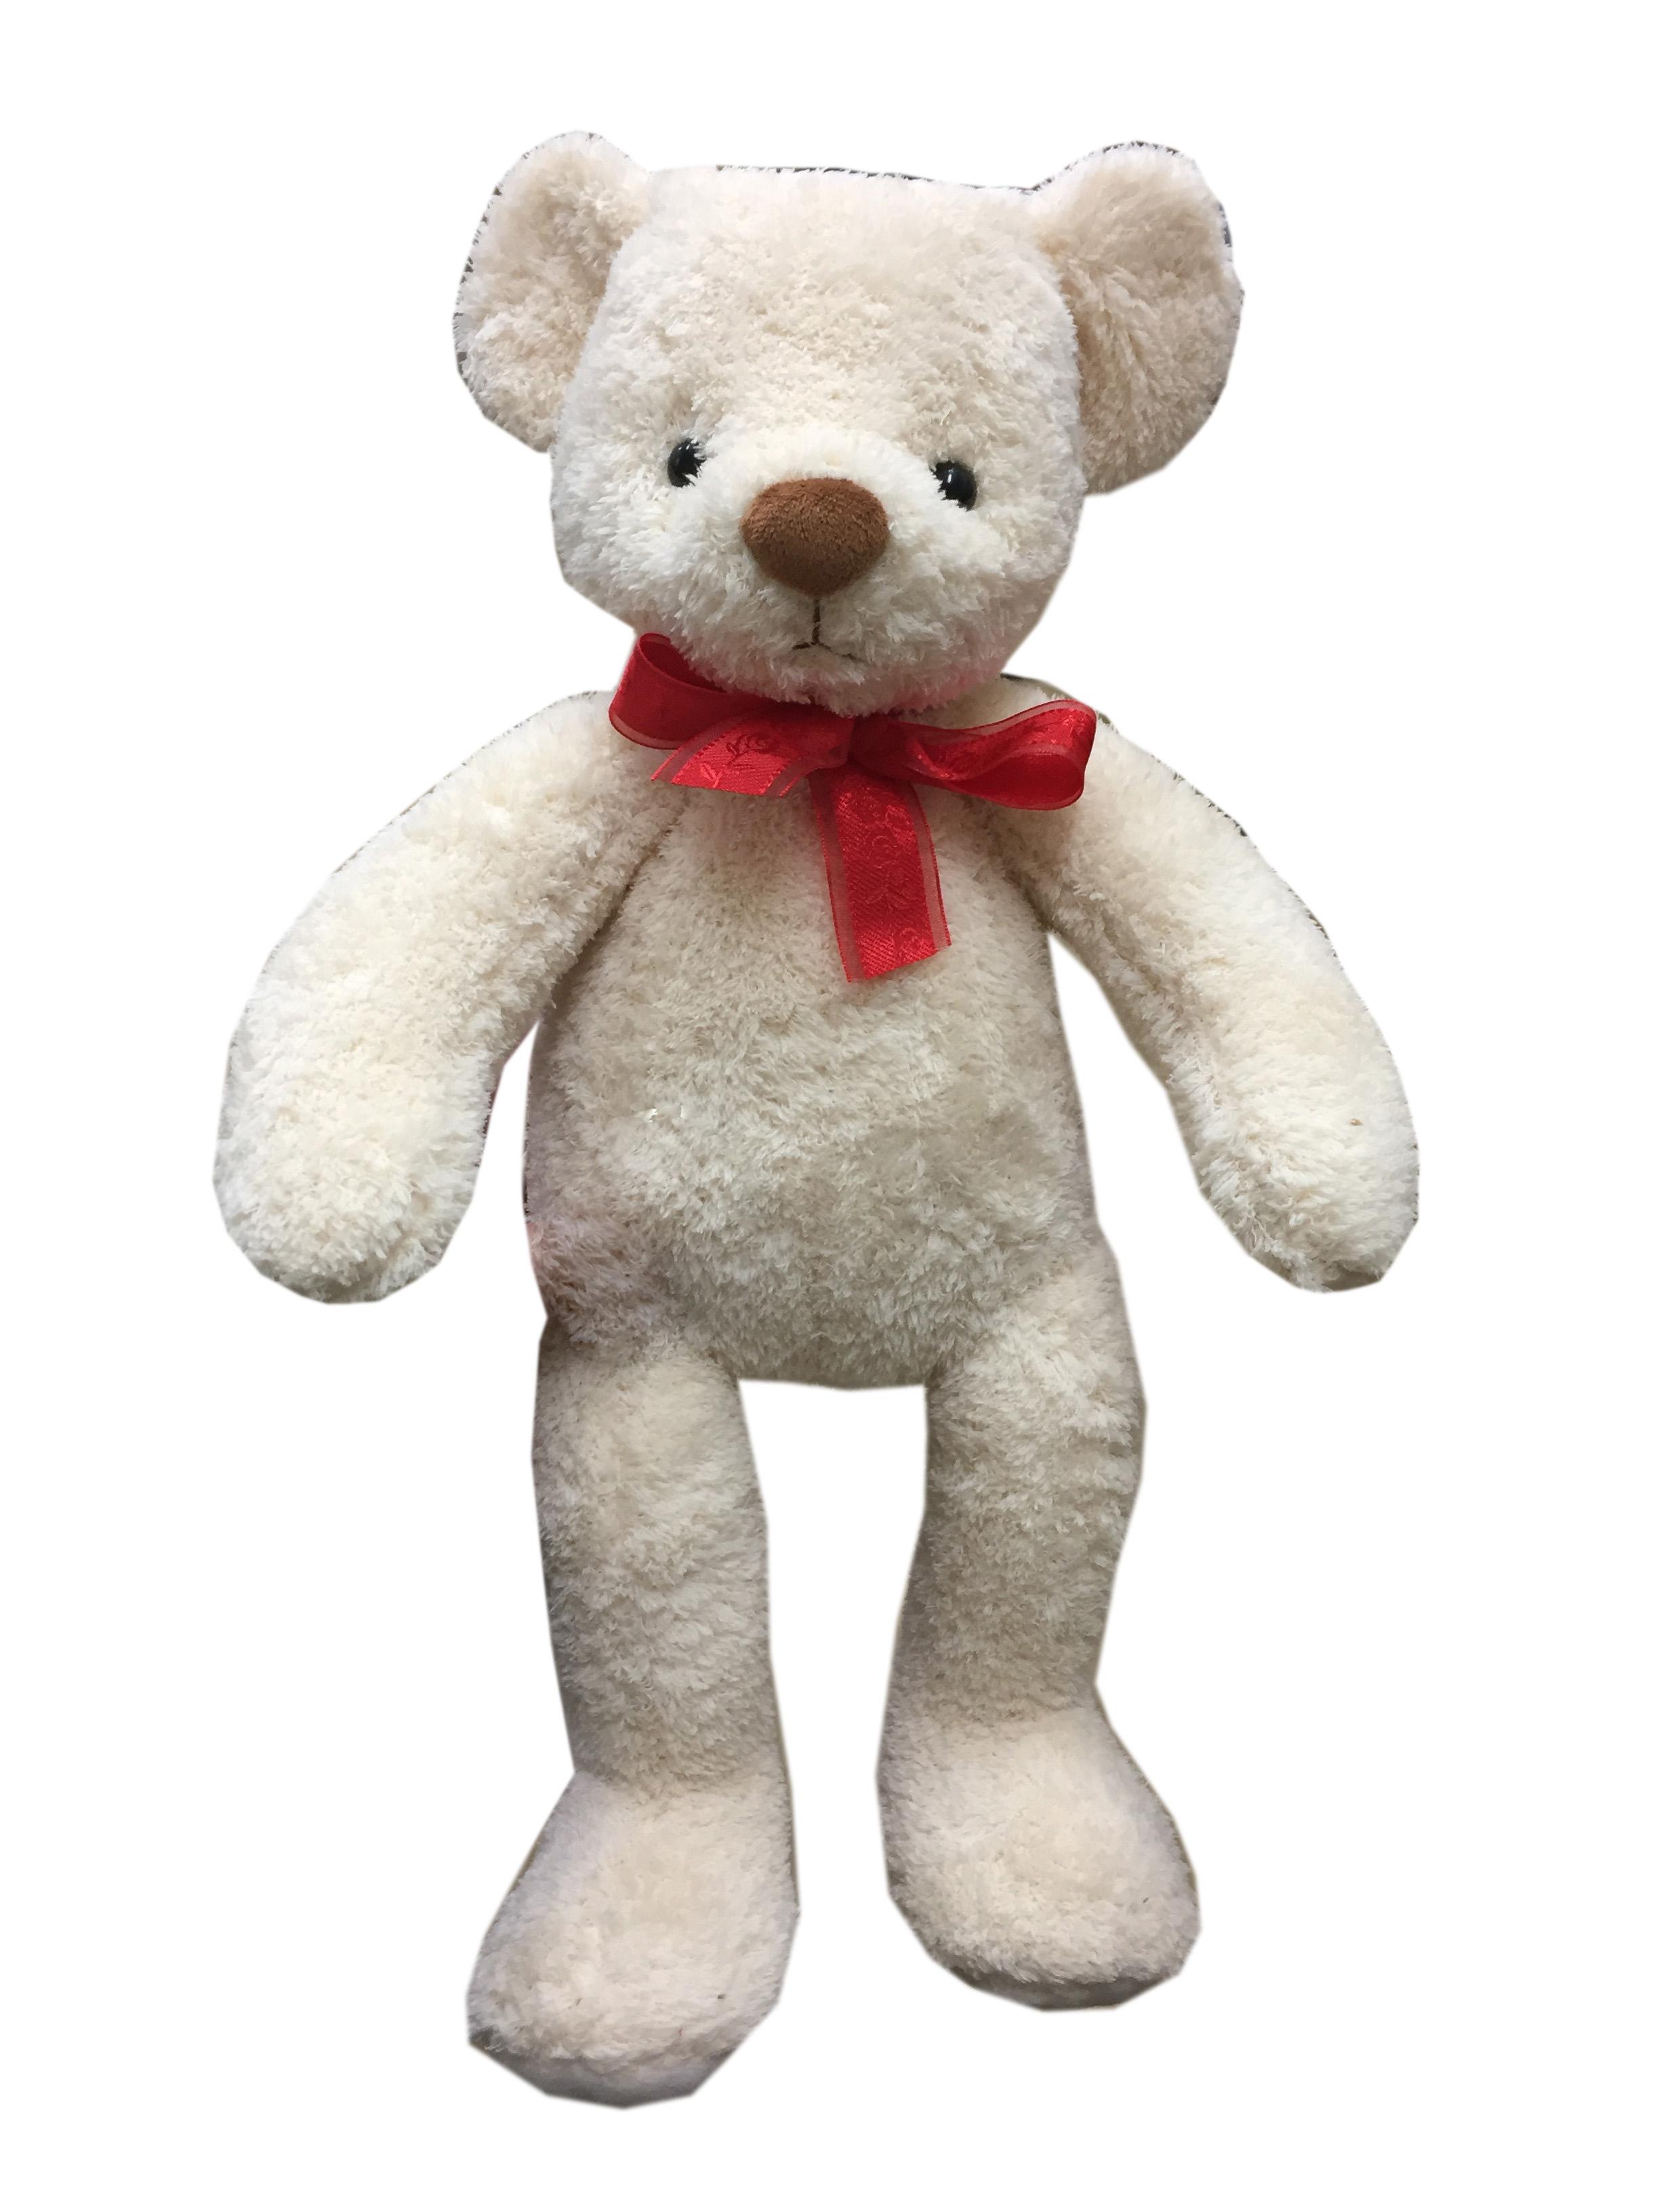 Мягкие игрушки СмолТойс Мишка смолтойс мягкая игрушка антистресс кевин 19 см